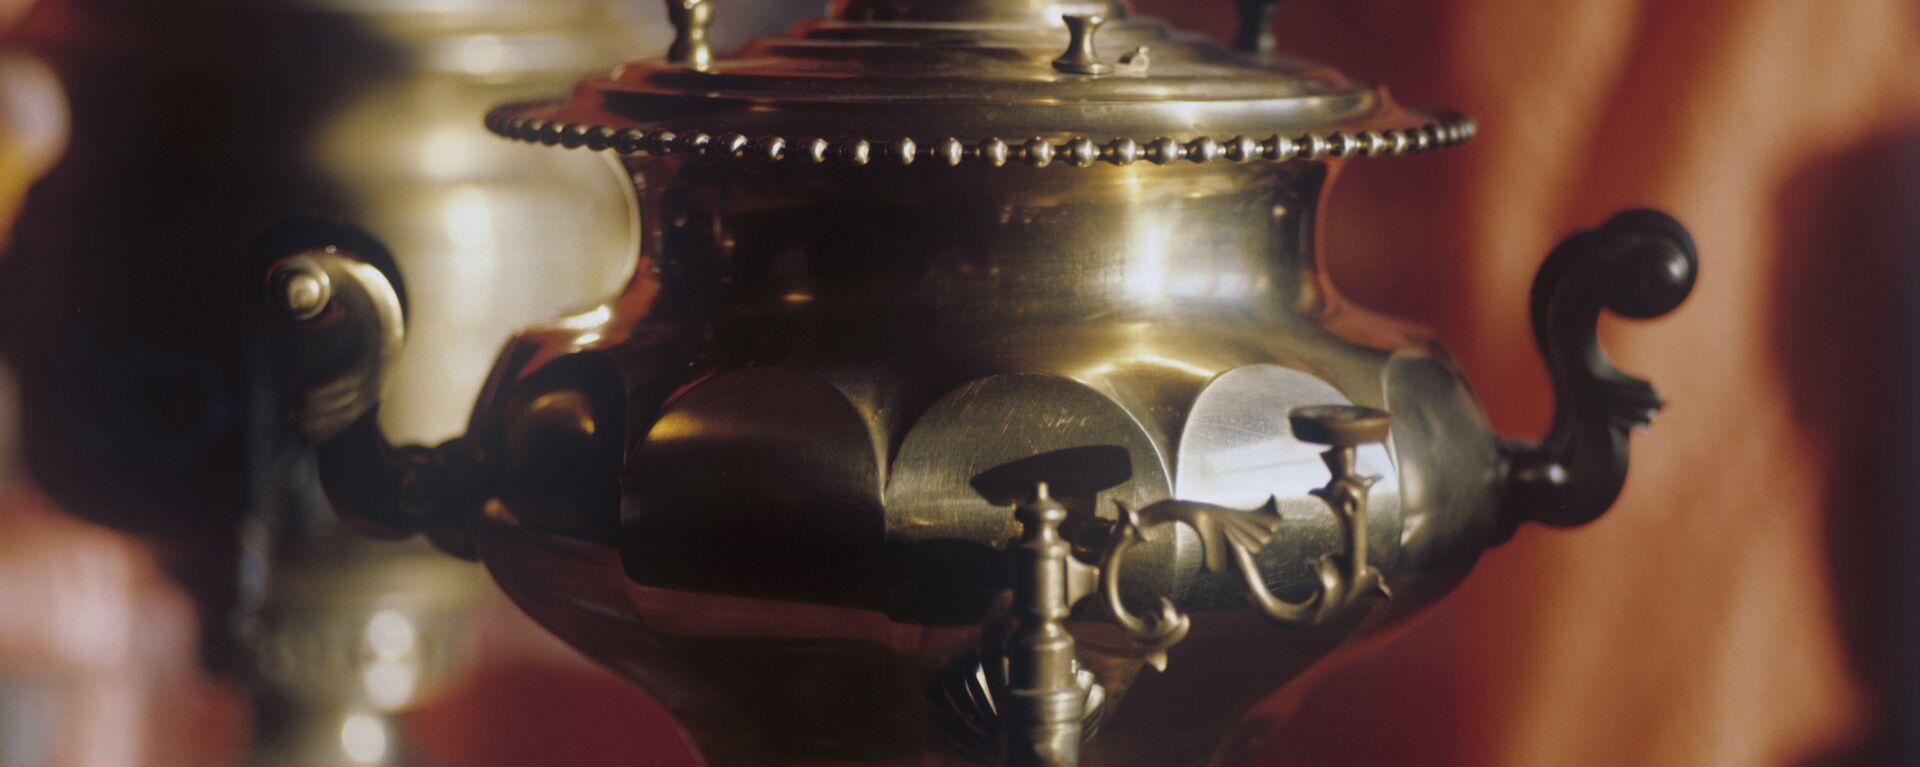 Старинный самовар - Sputnik Грузия, 1920, 12.09.2021